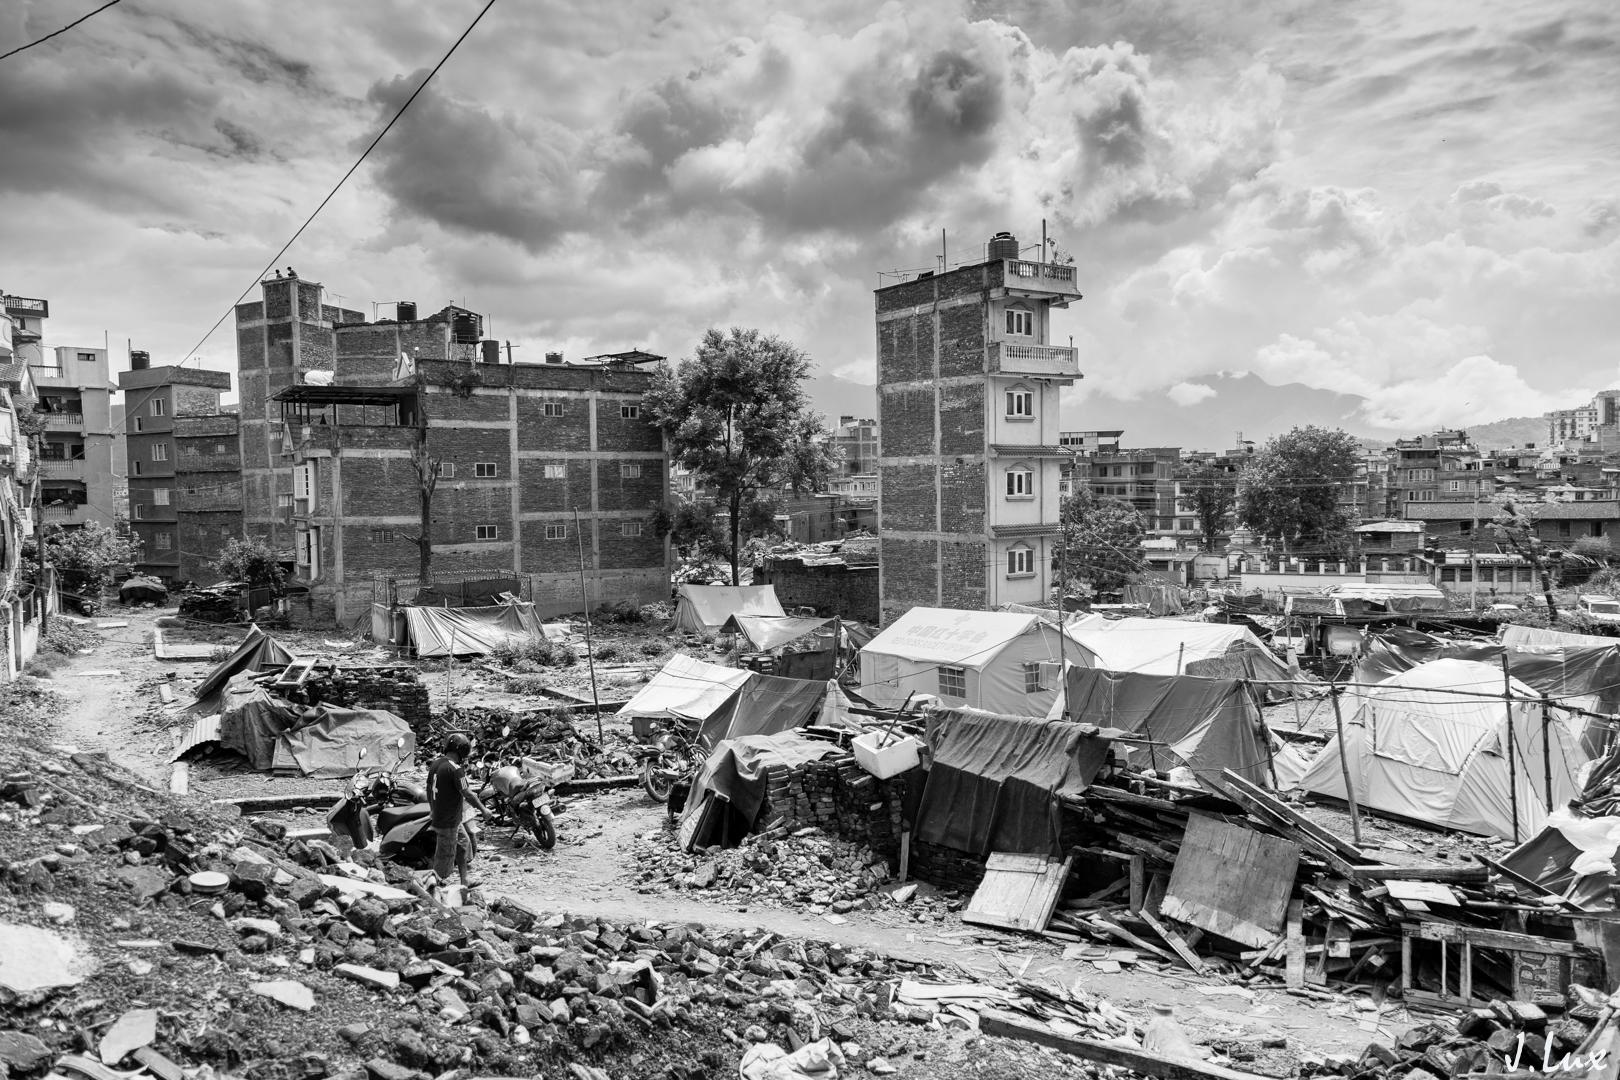 Népal- Partie 1: Brique par brique, 3 mois après le séisme